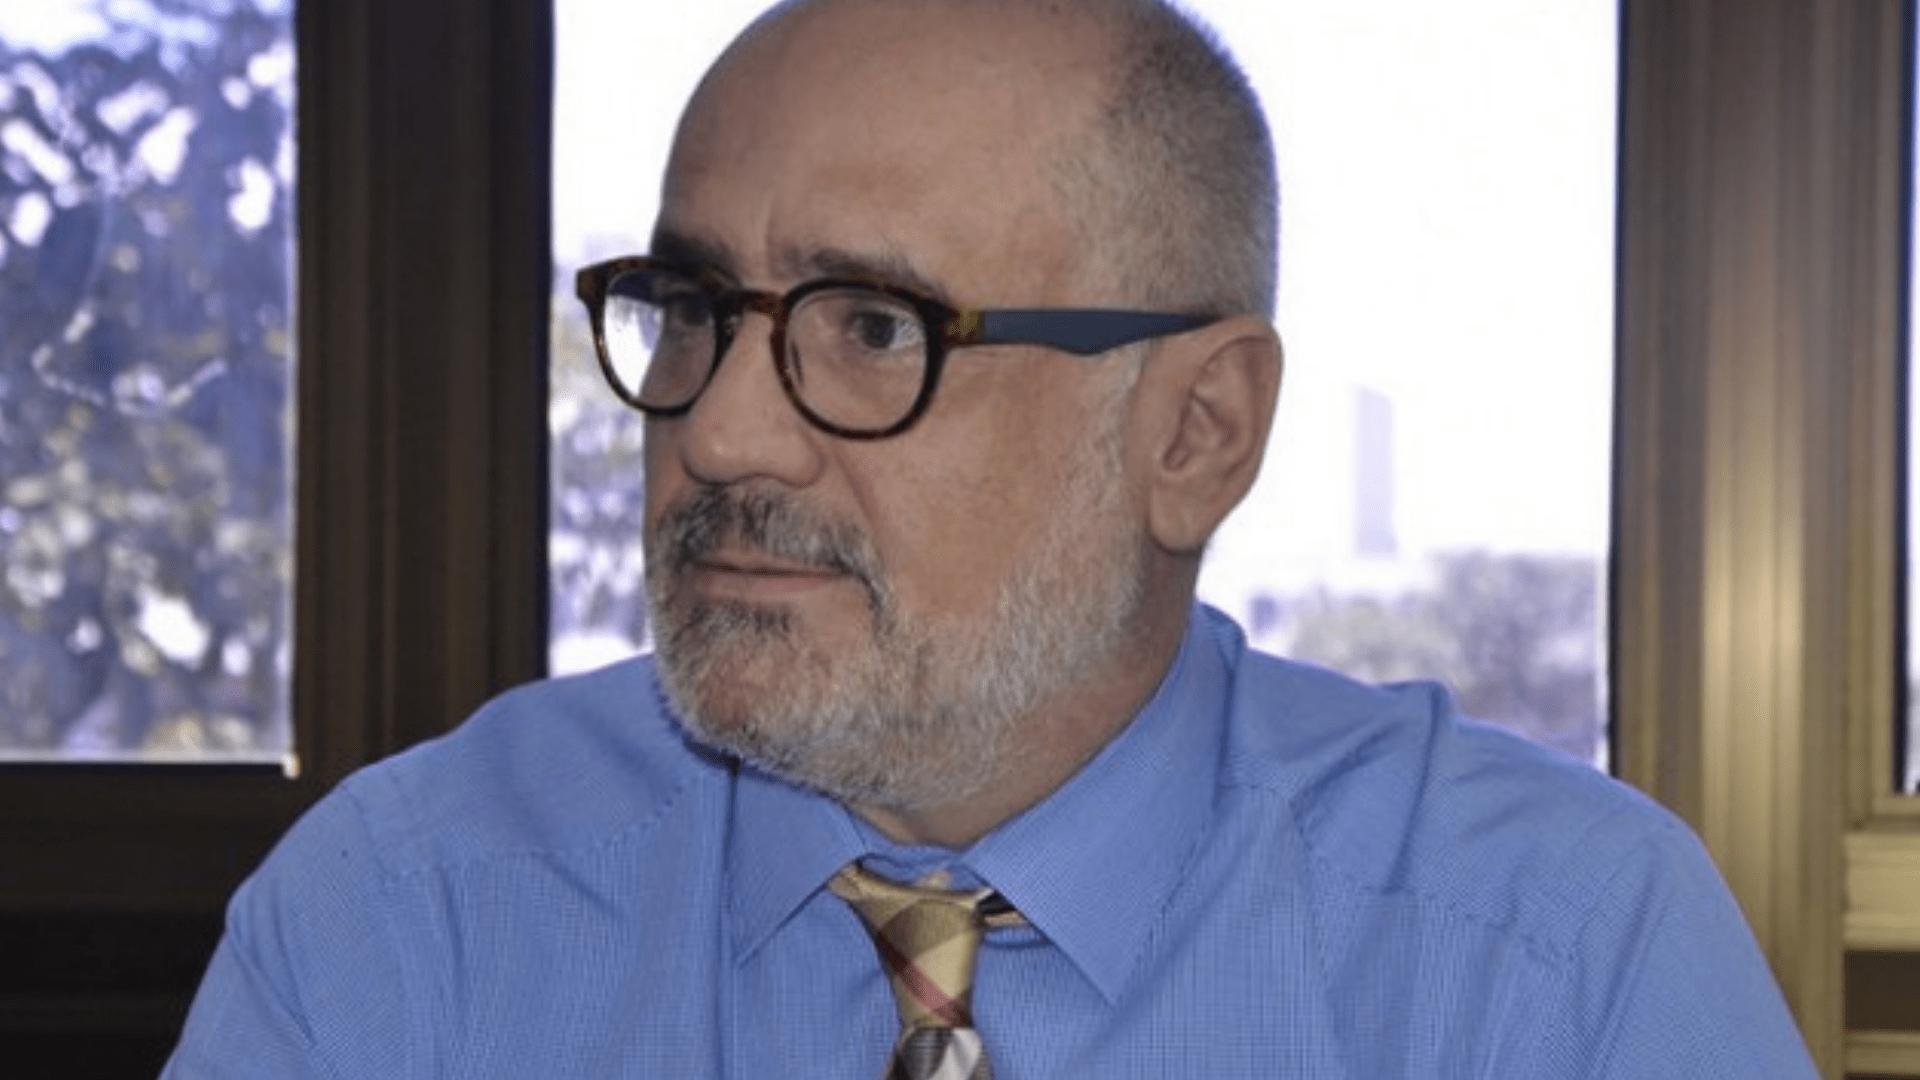 Secretário de Saúde de Tocantins tem medida protetiva por violência doméstica contra esposa